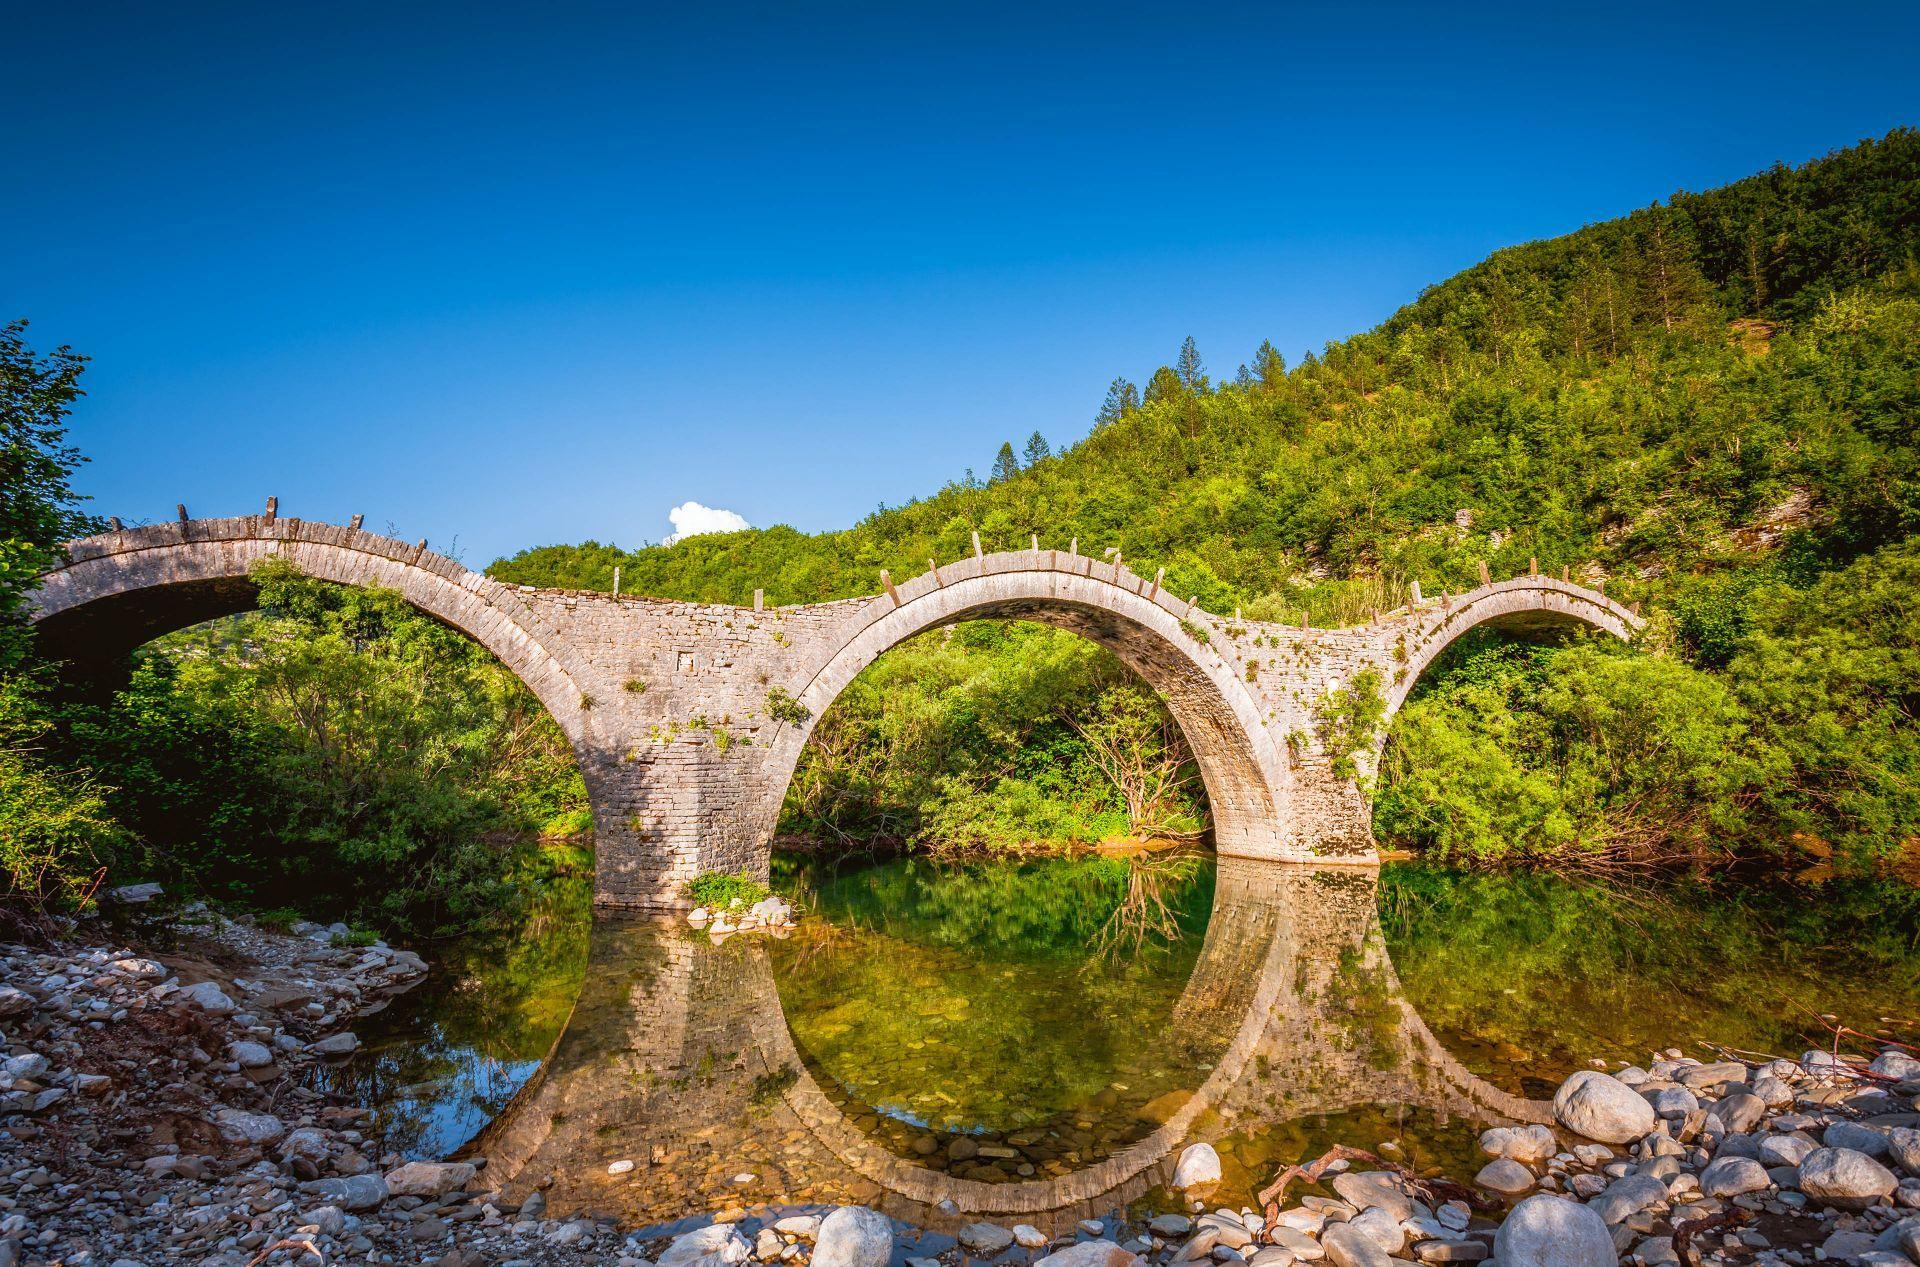 Zagorochoria: Plakidas bridge